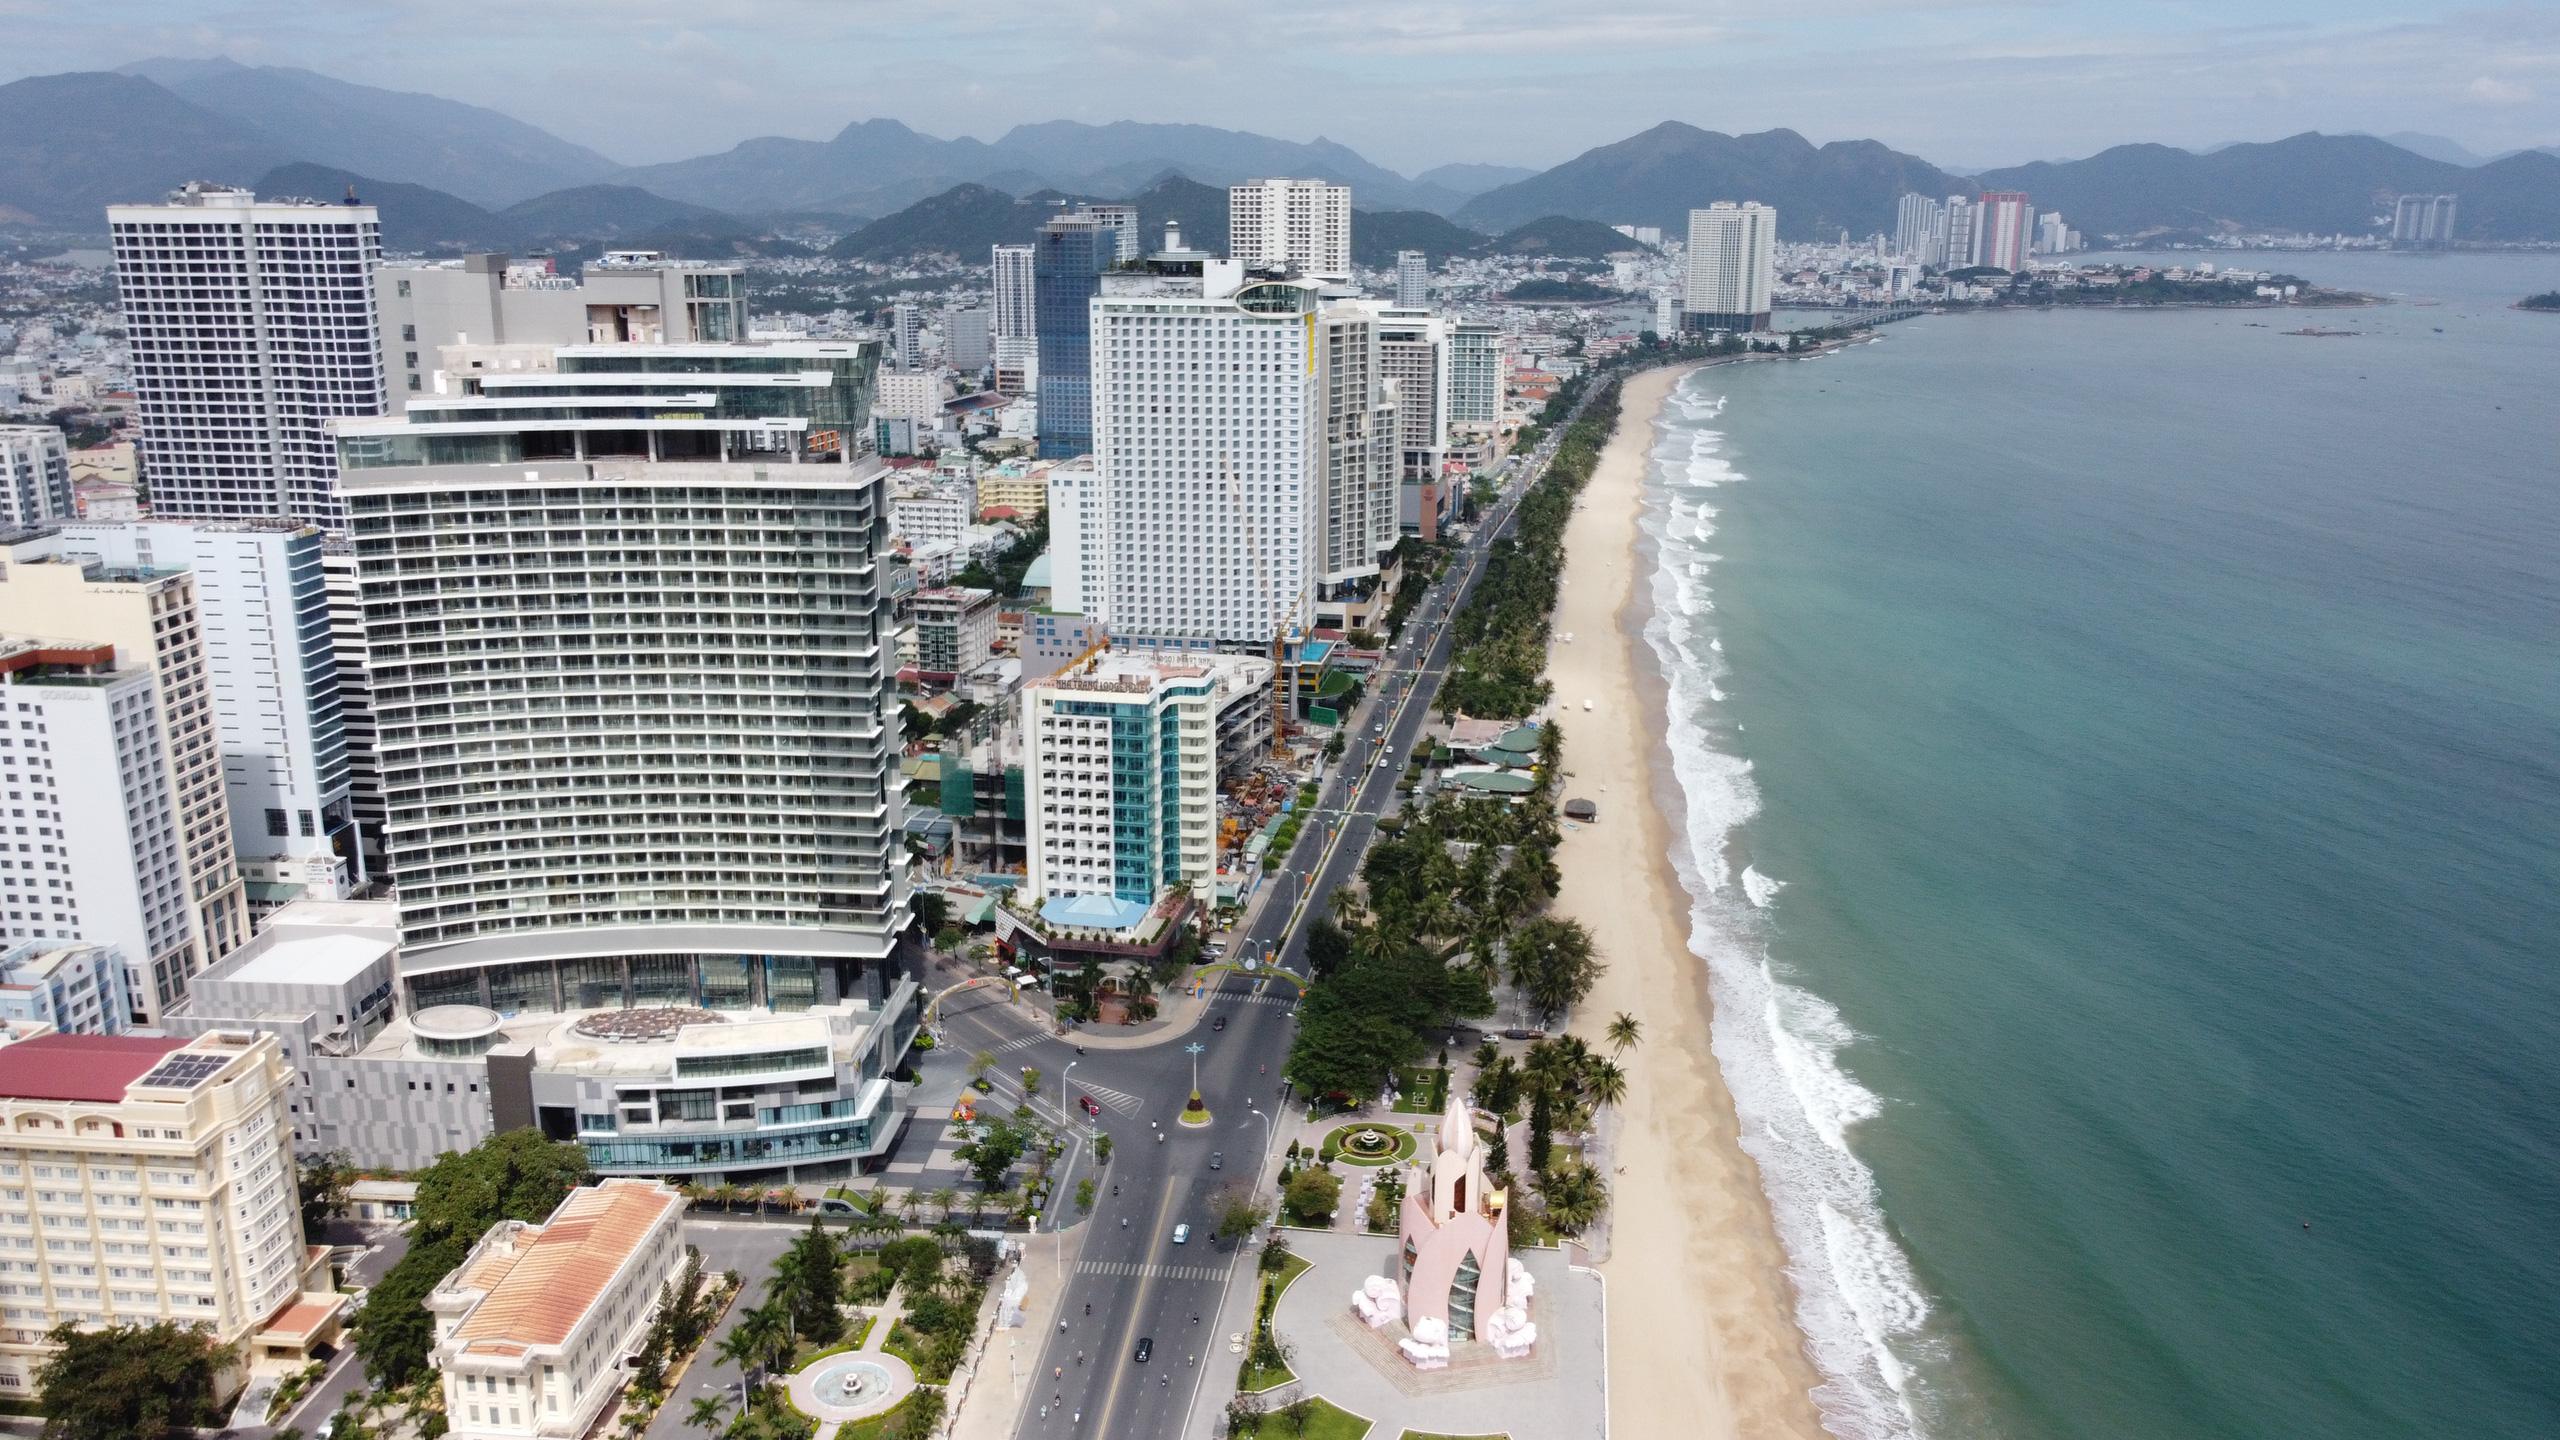 Khánh Hòa: Hàng loạt dự án vẫn còn đất ở không hình thành đơn vị ở với khoảng 30.000 condotel - Ảnh 4.